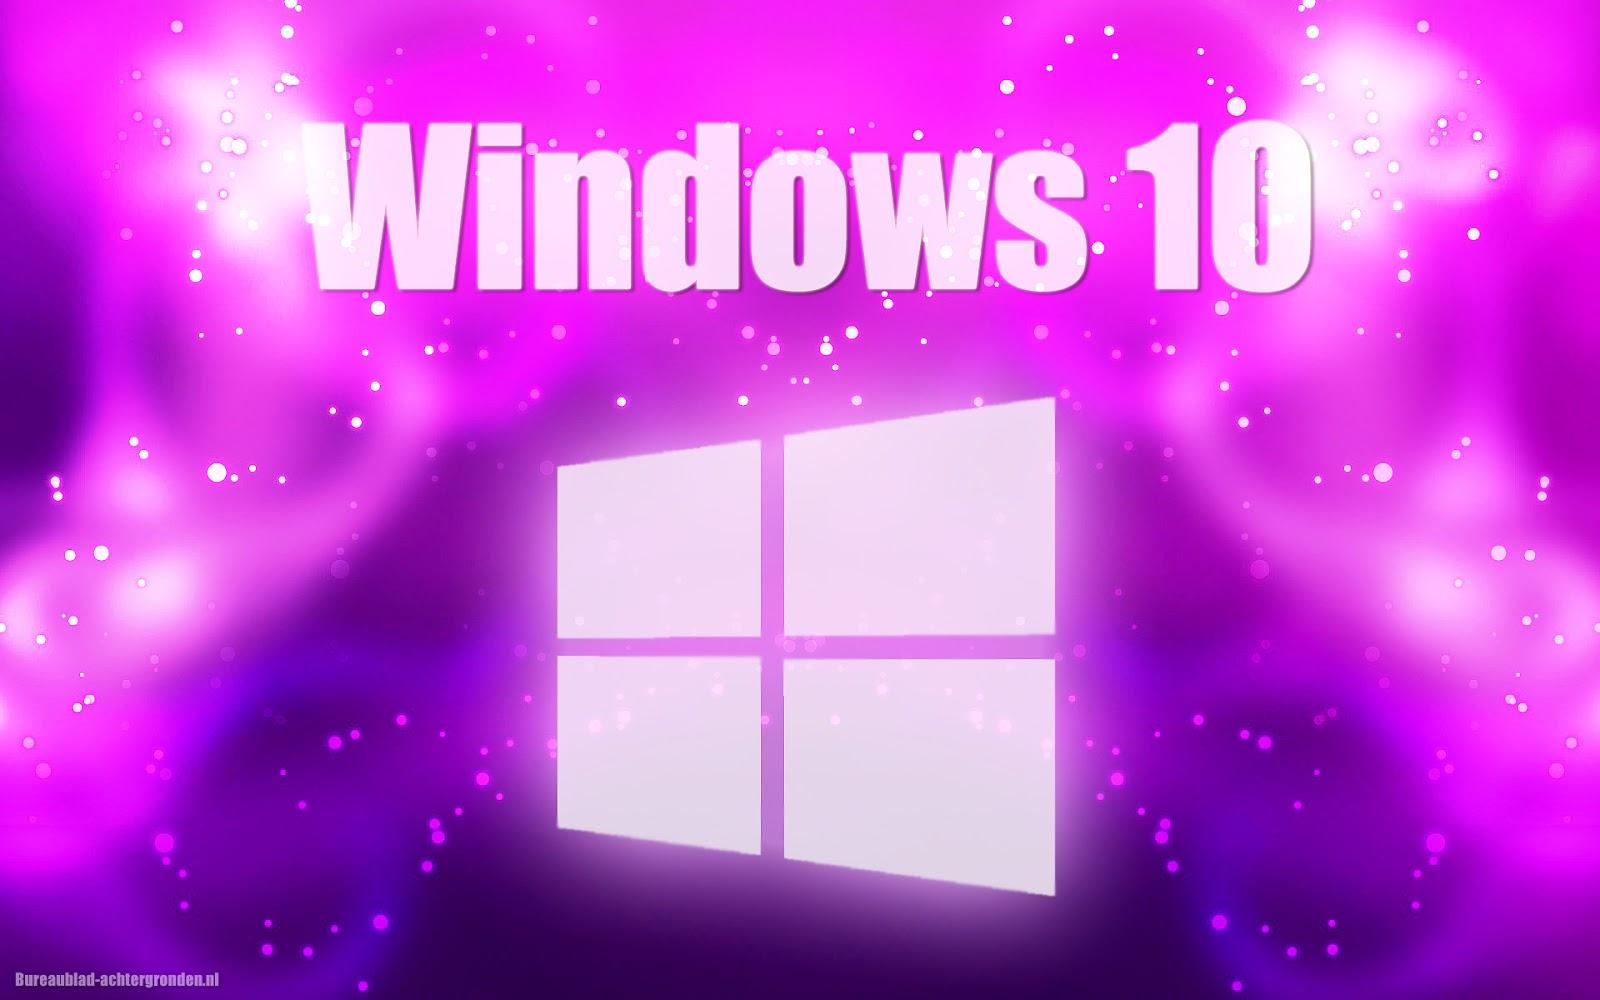 Hd 3d Neon Wallpapers Windows 10 Achtergronden Achtergronden